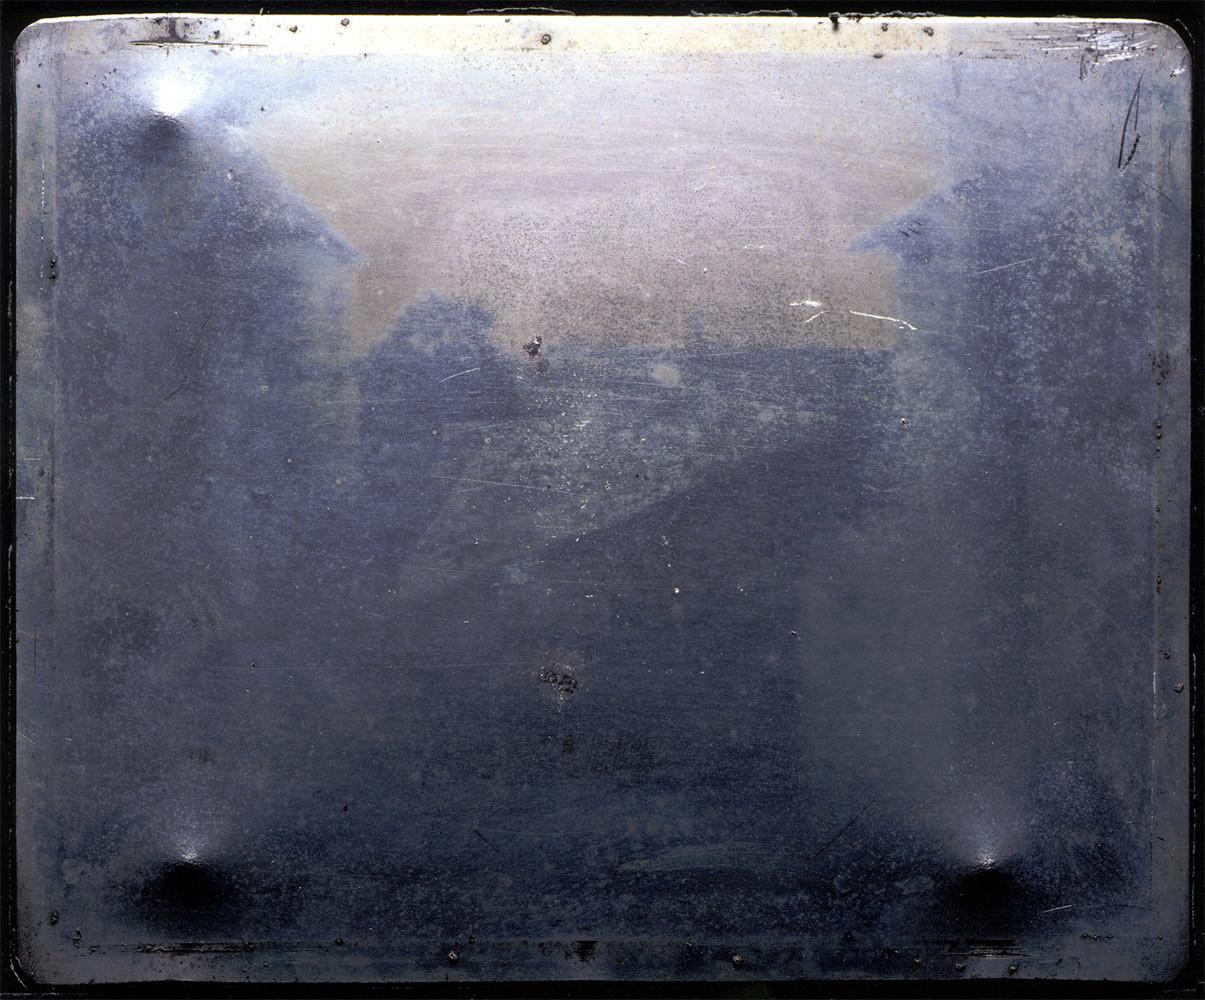 E.Z.M. – 8/6/16 (Joseph Nicephore Niepce, 1826)